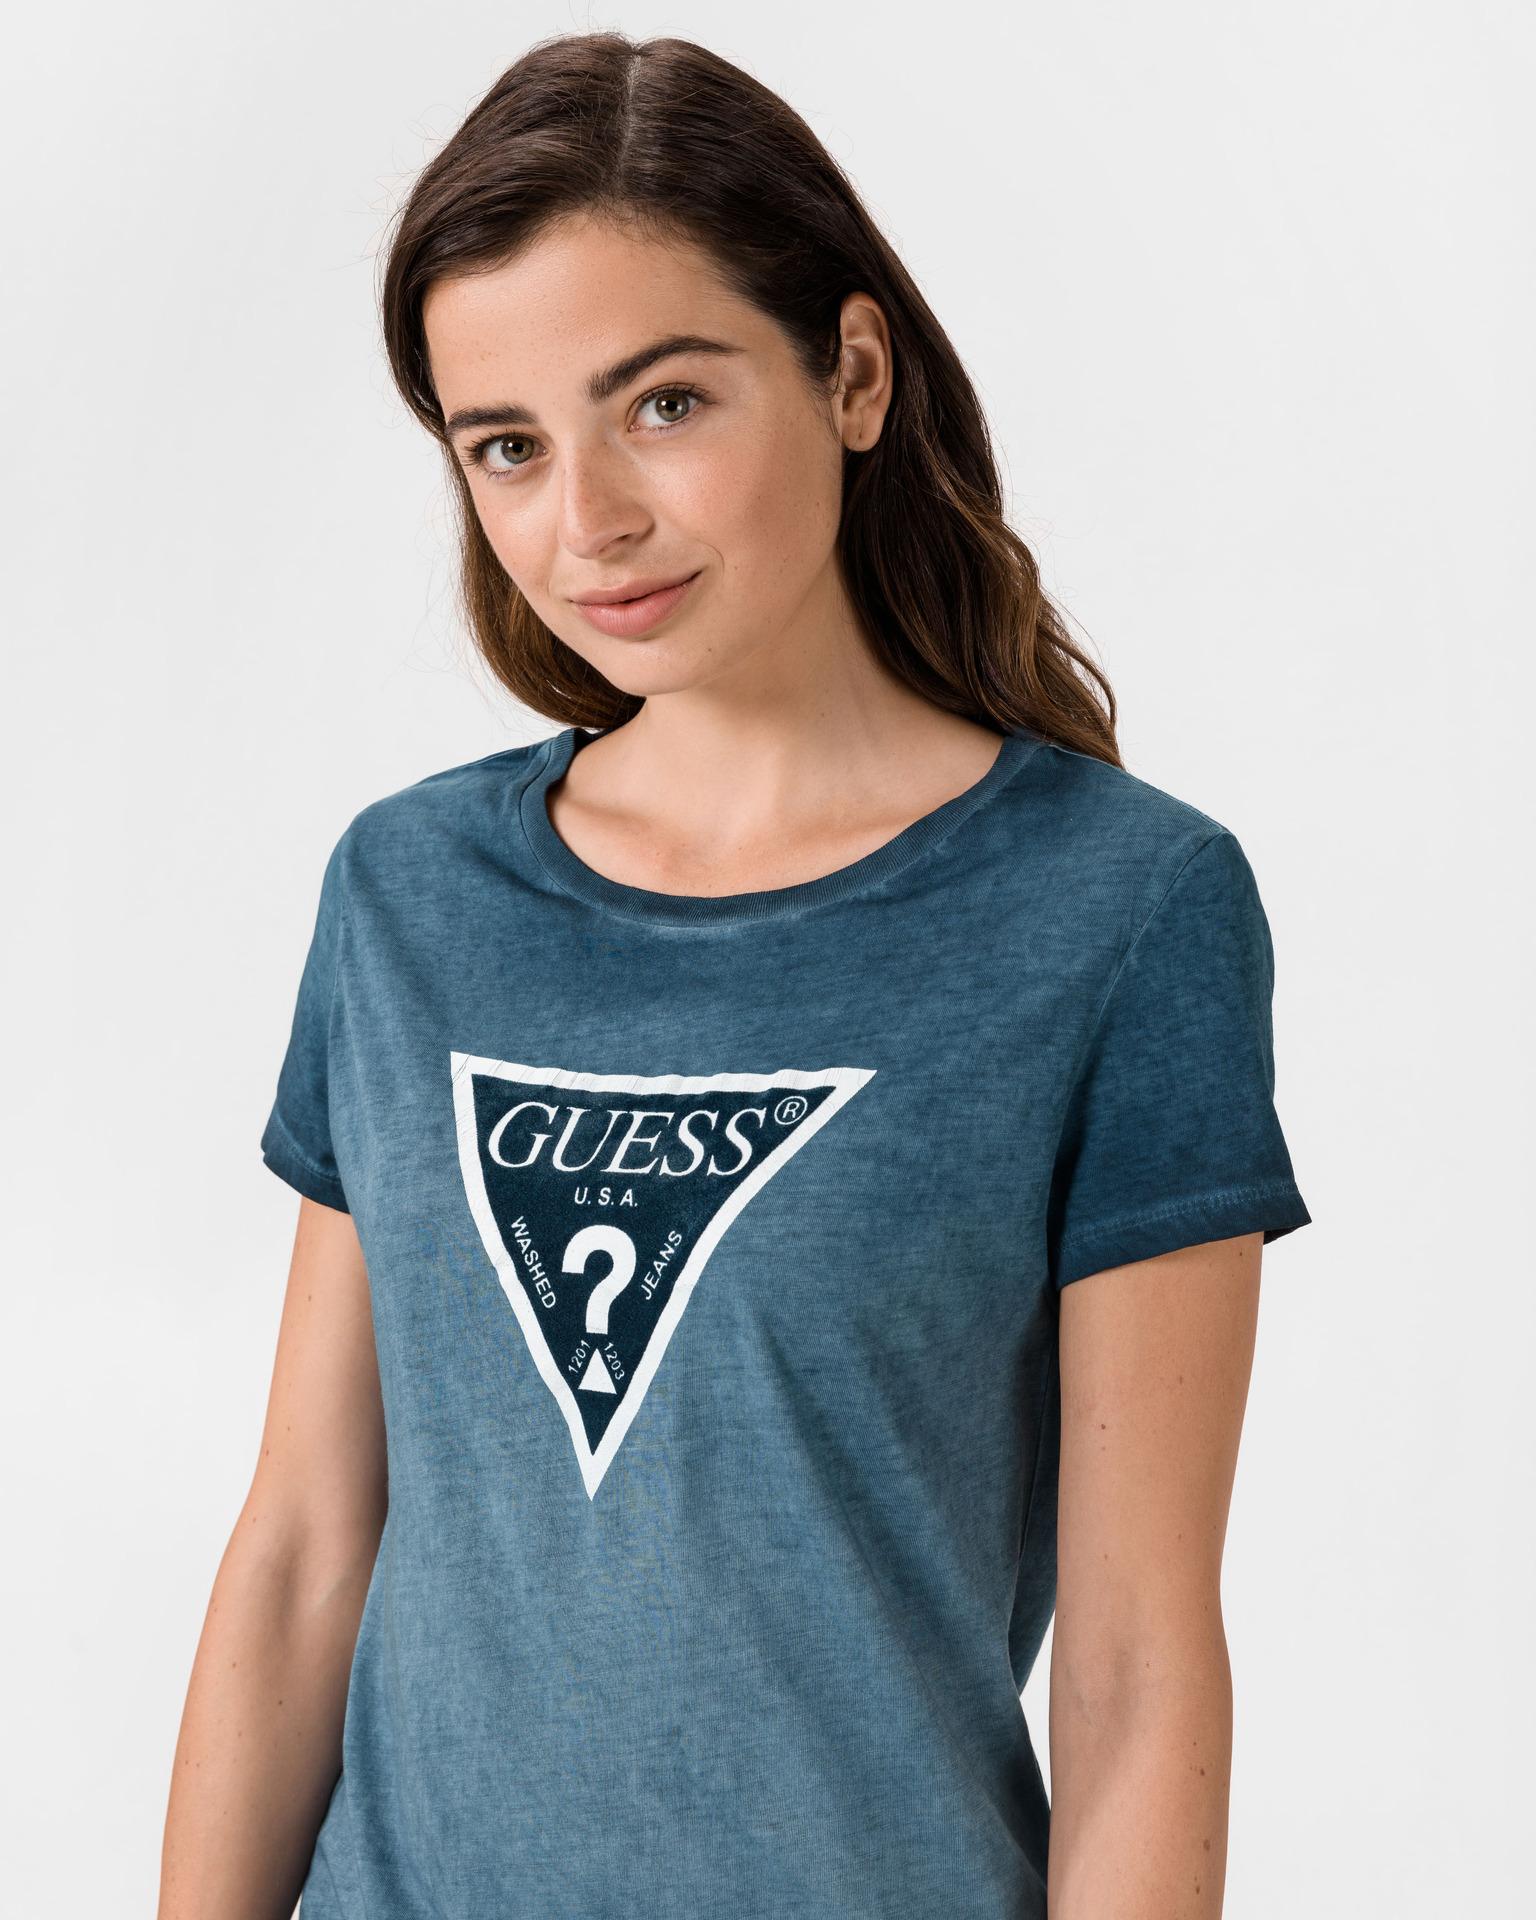 Guess Women's t-shirt blue Triko